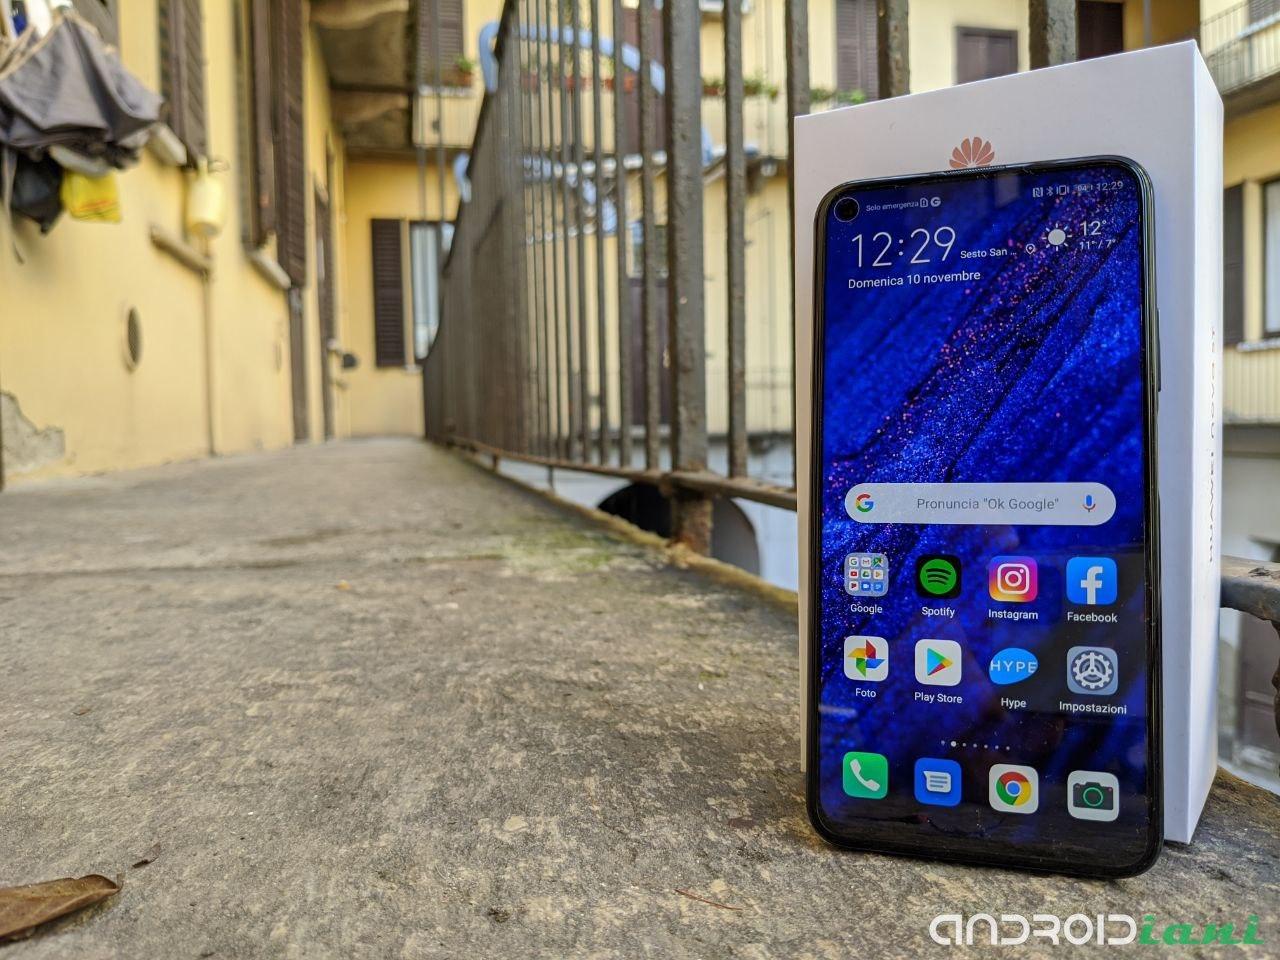 Huawei Nova 5T: النطاق المتوسط الذي يعتقد أنه الأفضل | مراجعة 2